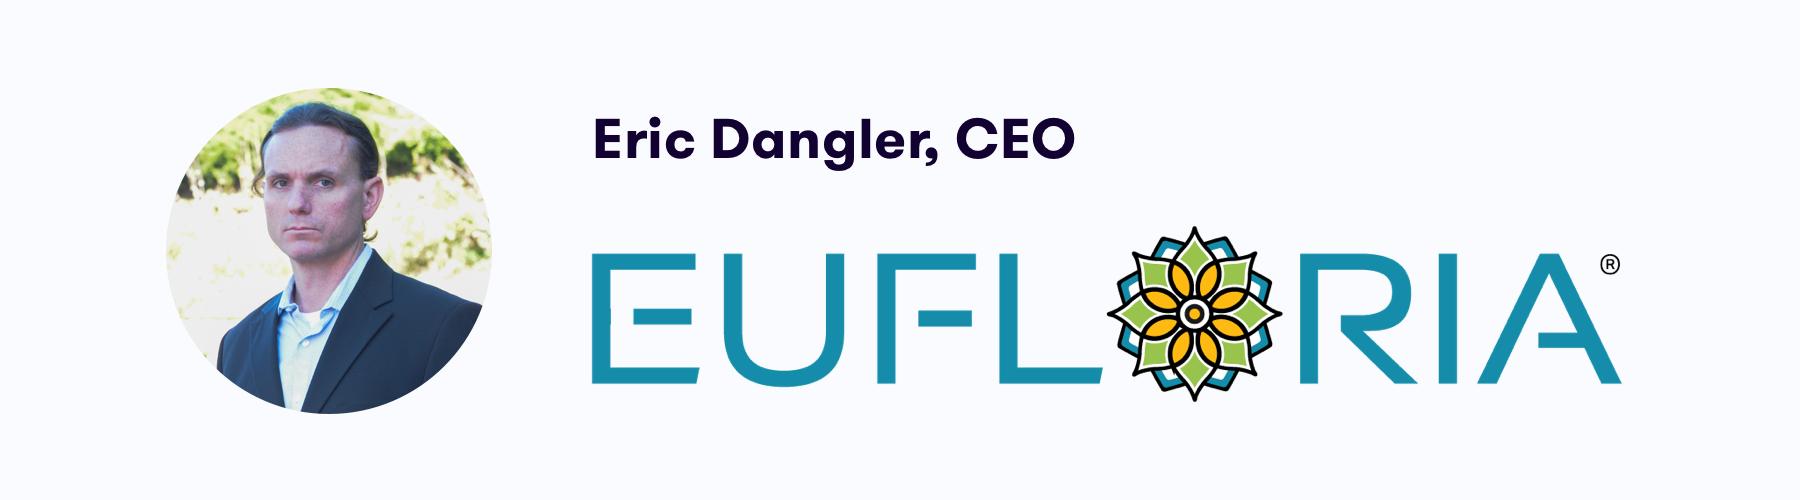 Eric Dangler, CEO of Eufloria, Oklahoma